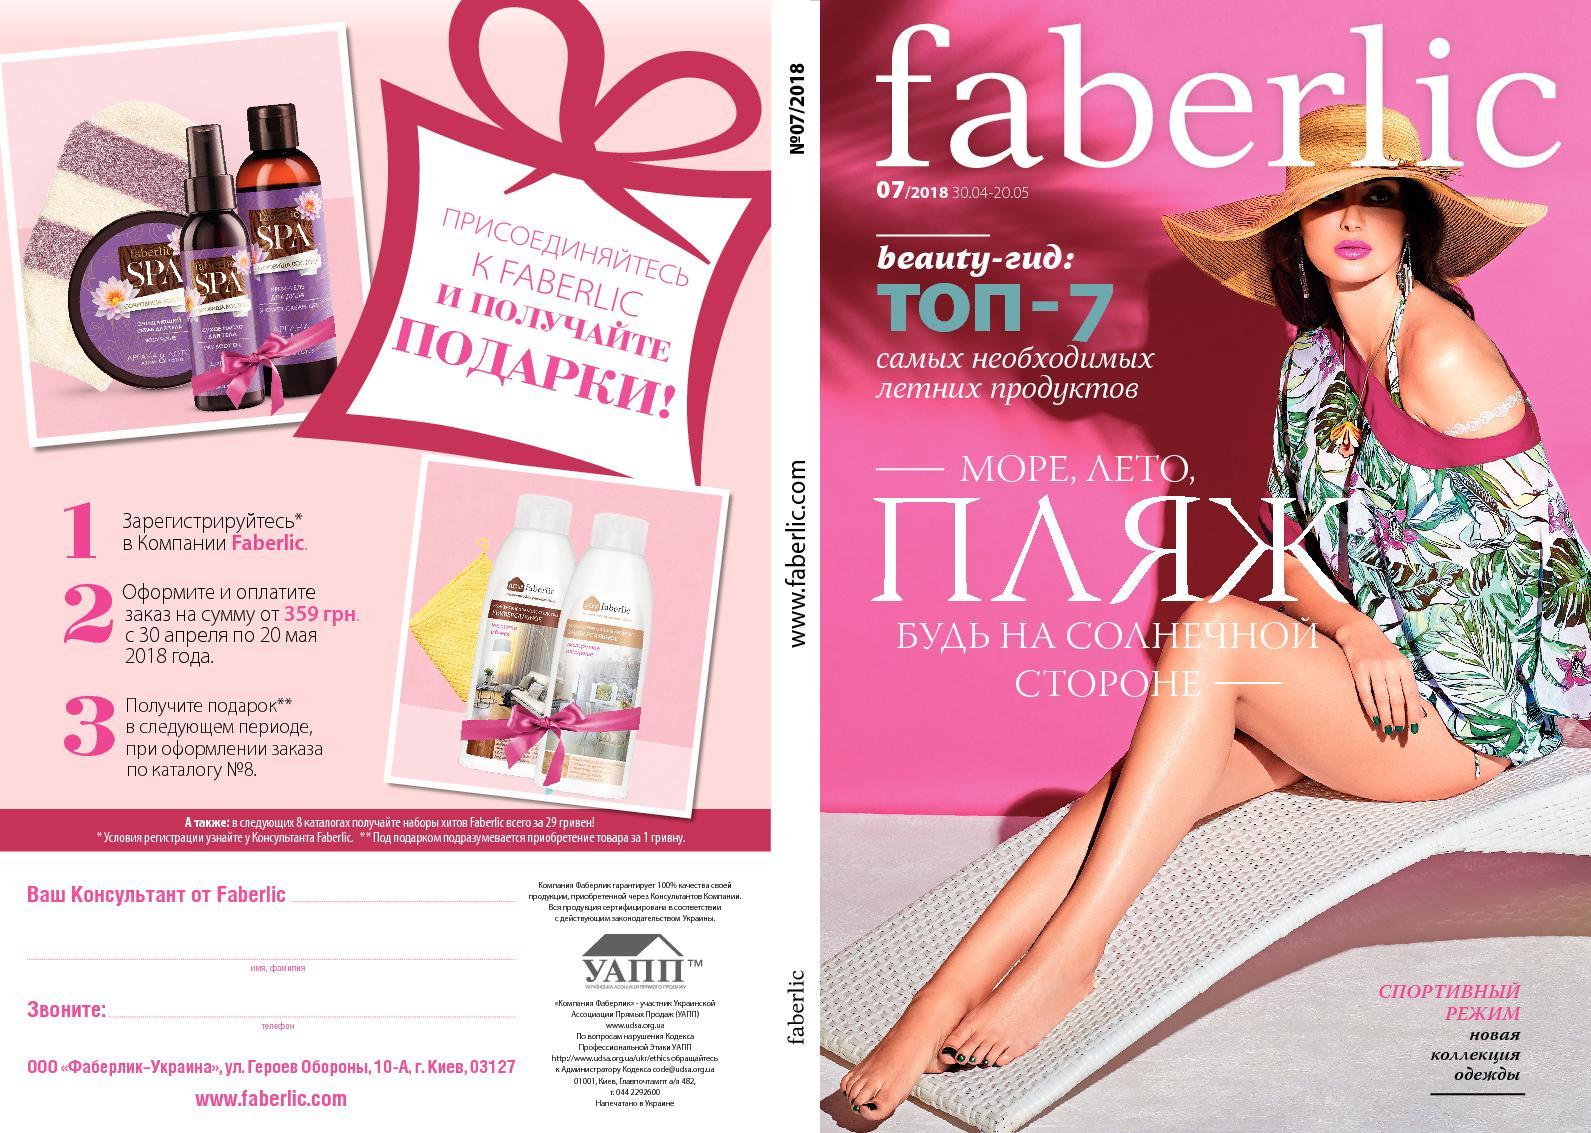 Calaméo - Каталог Faberlic 7 2018 Украина 40258a1054b